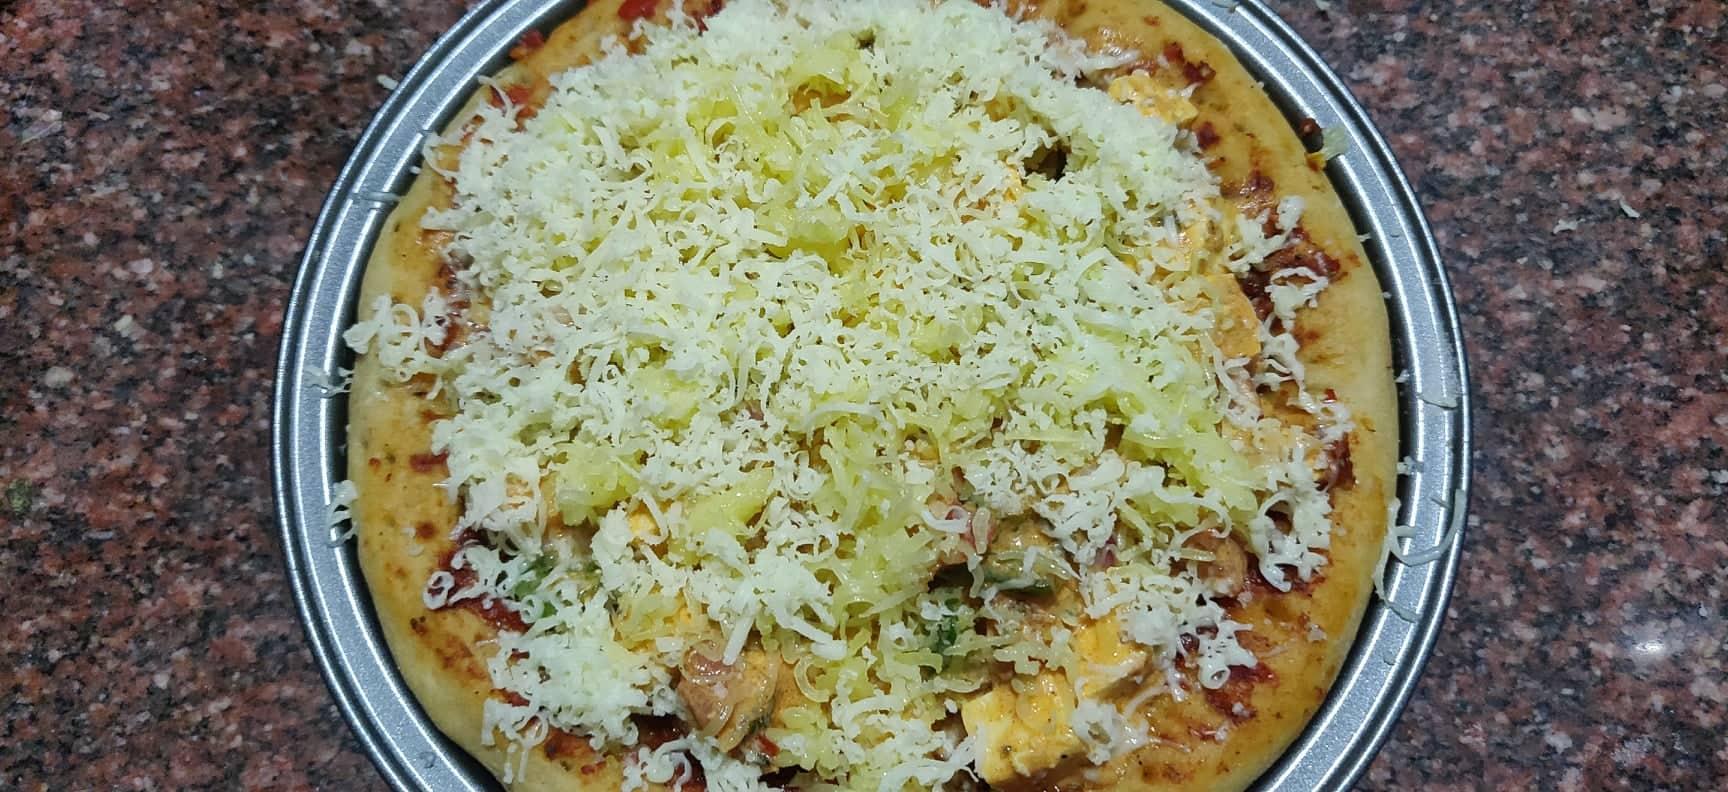 paneer_tikka_pizza - 79825210_556257448531454_8743755336717959168_n